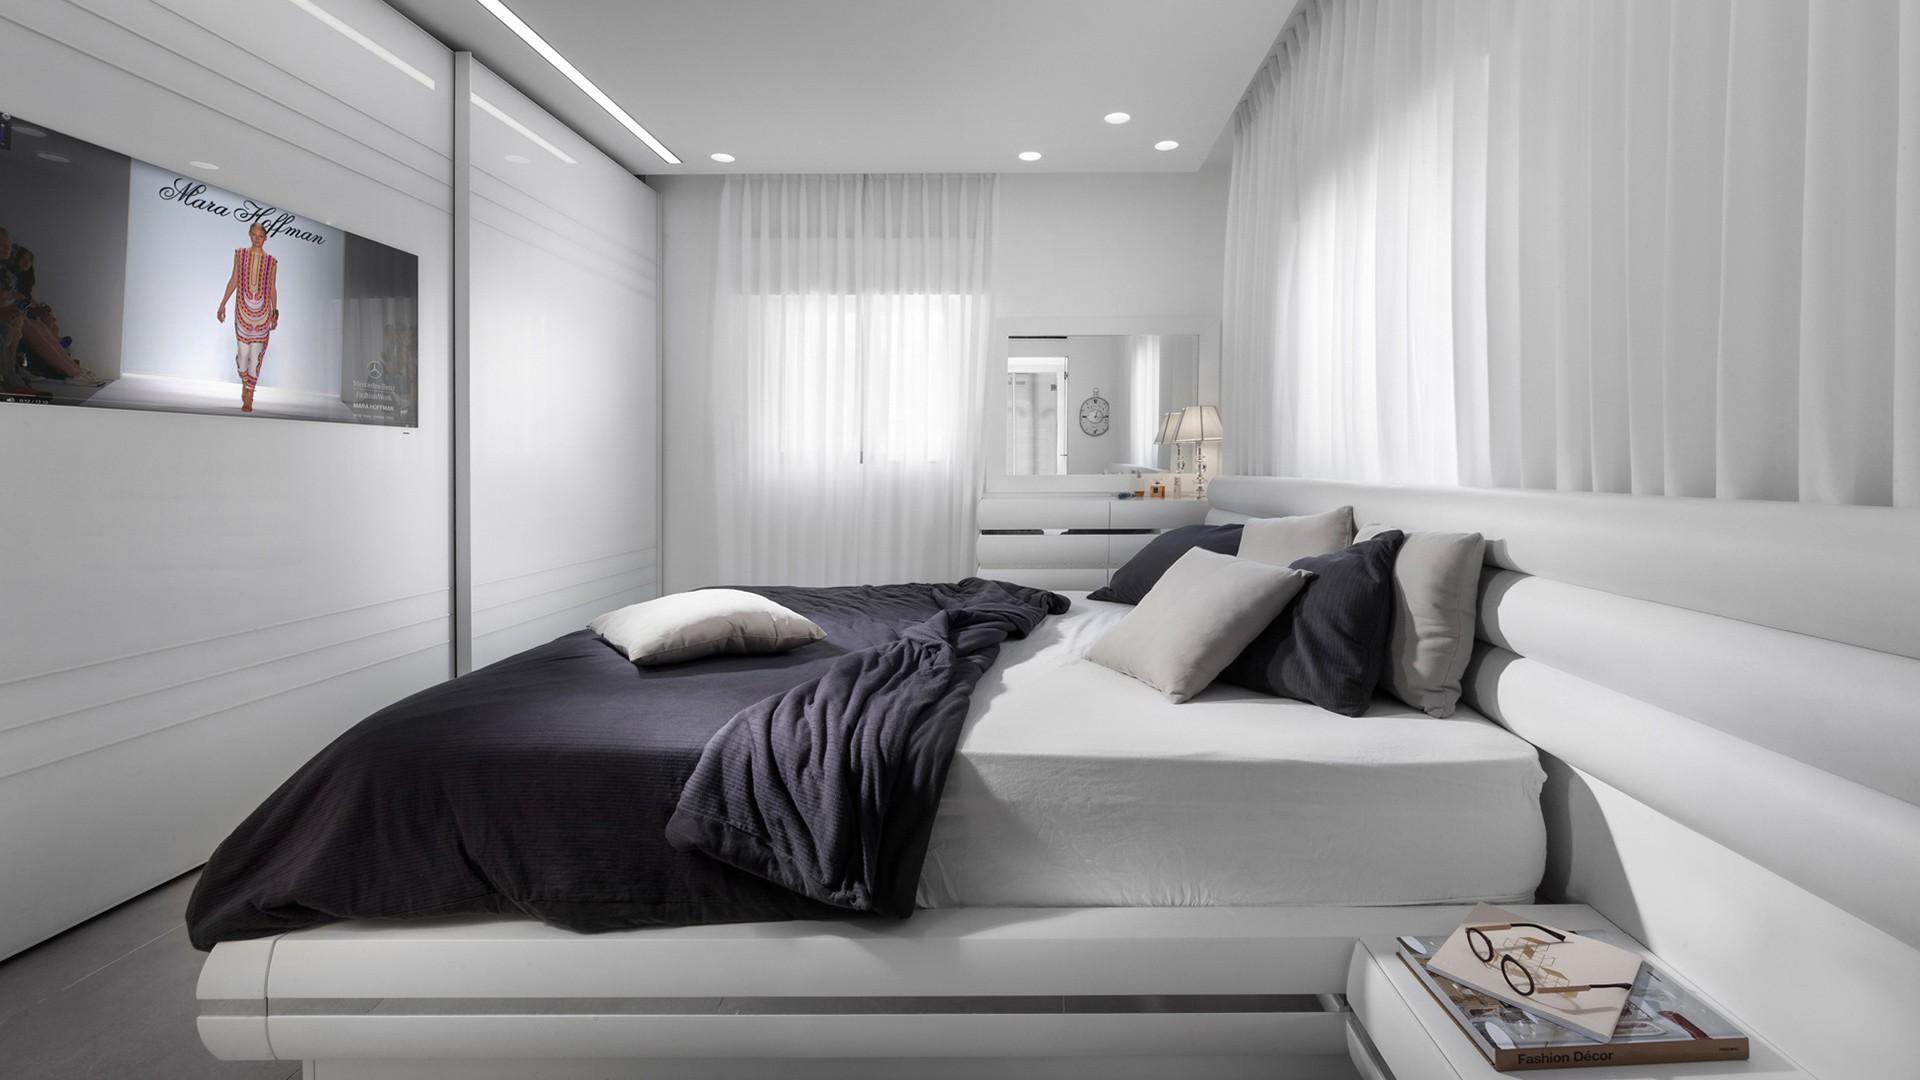 ריצוף ייחודי בחדר השינה